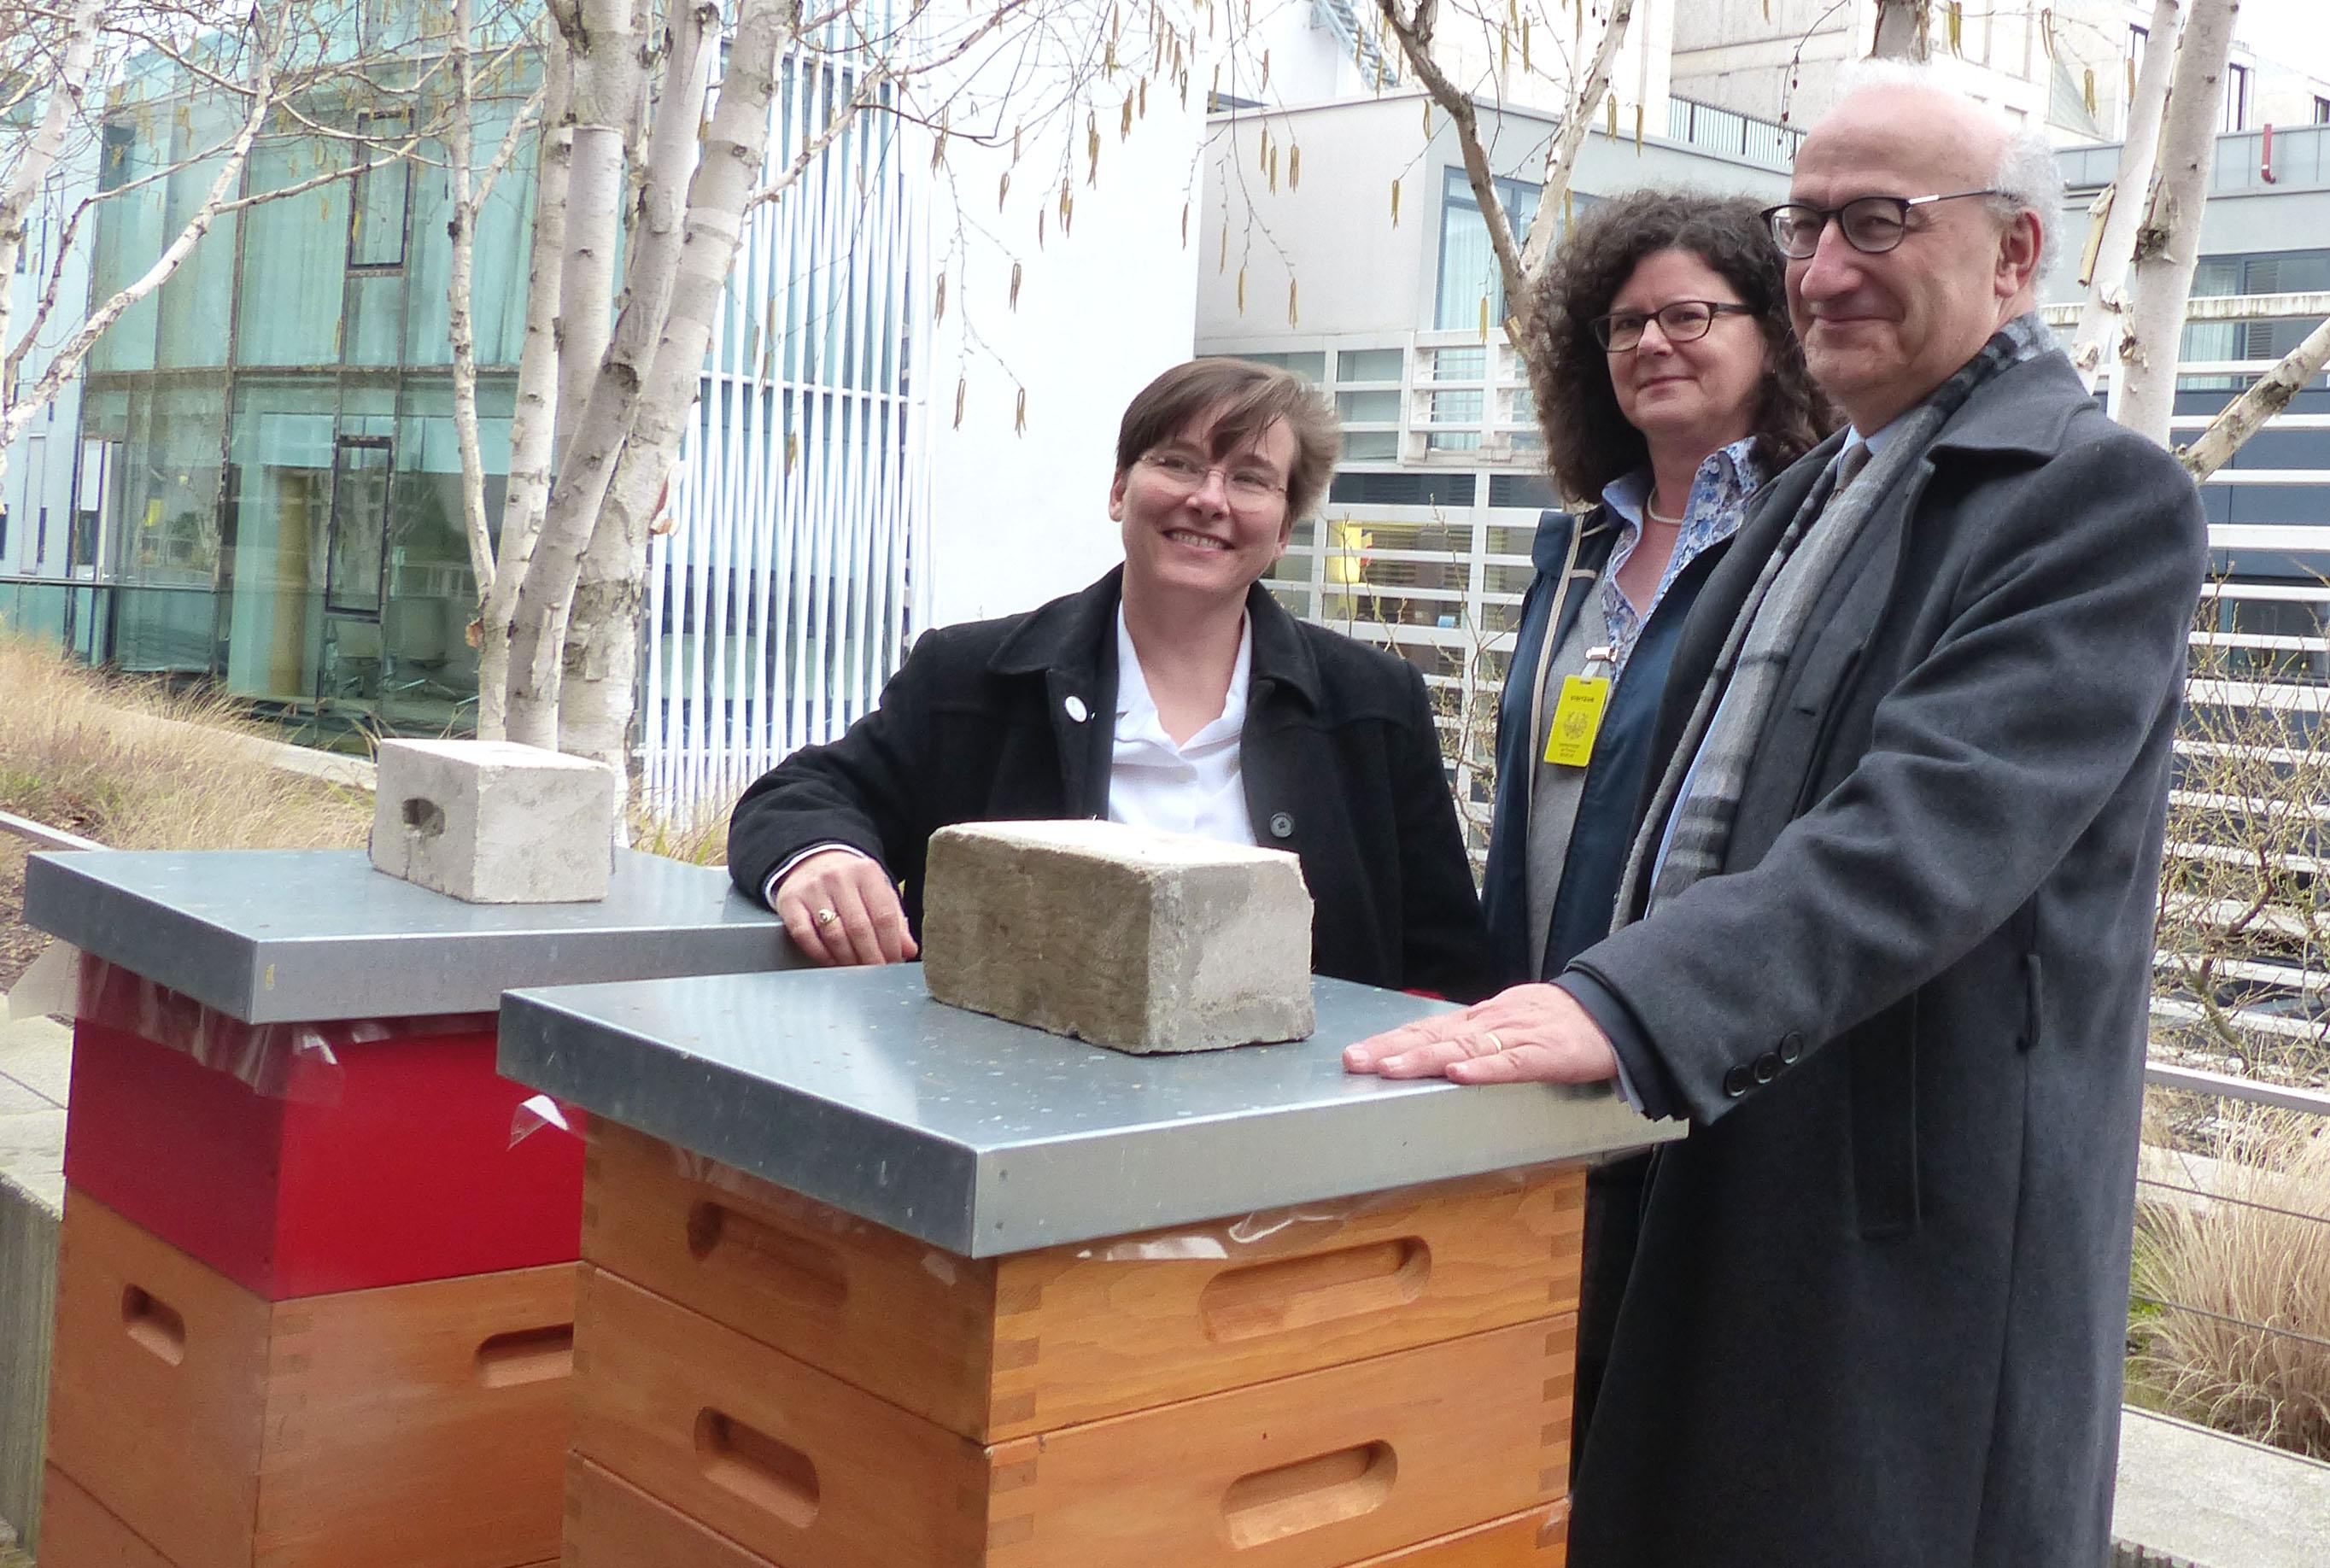 Dr. Melanie von Orlow, Annette Mangold und der französische Botschafter Philippe Etienne (Bild: G. Winkler)